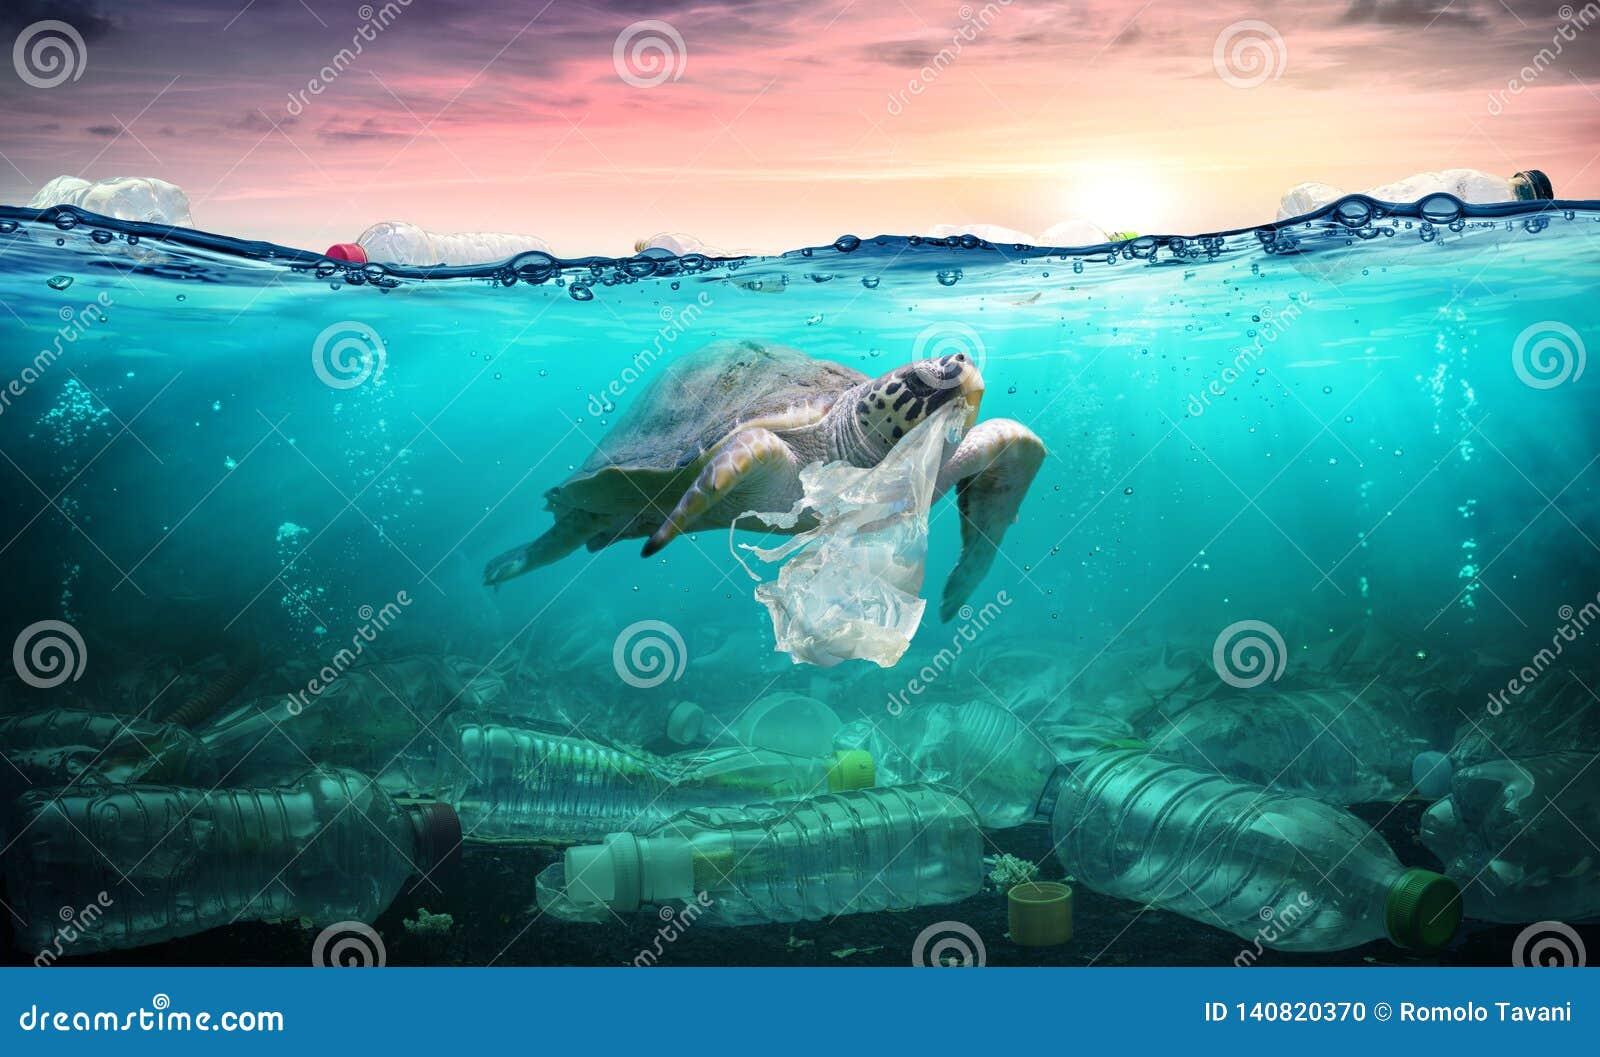 Inquinamento di plastica in oceano - la tartaruga mangia il sacchetto di plastica